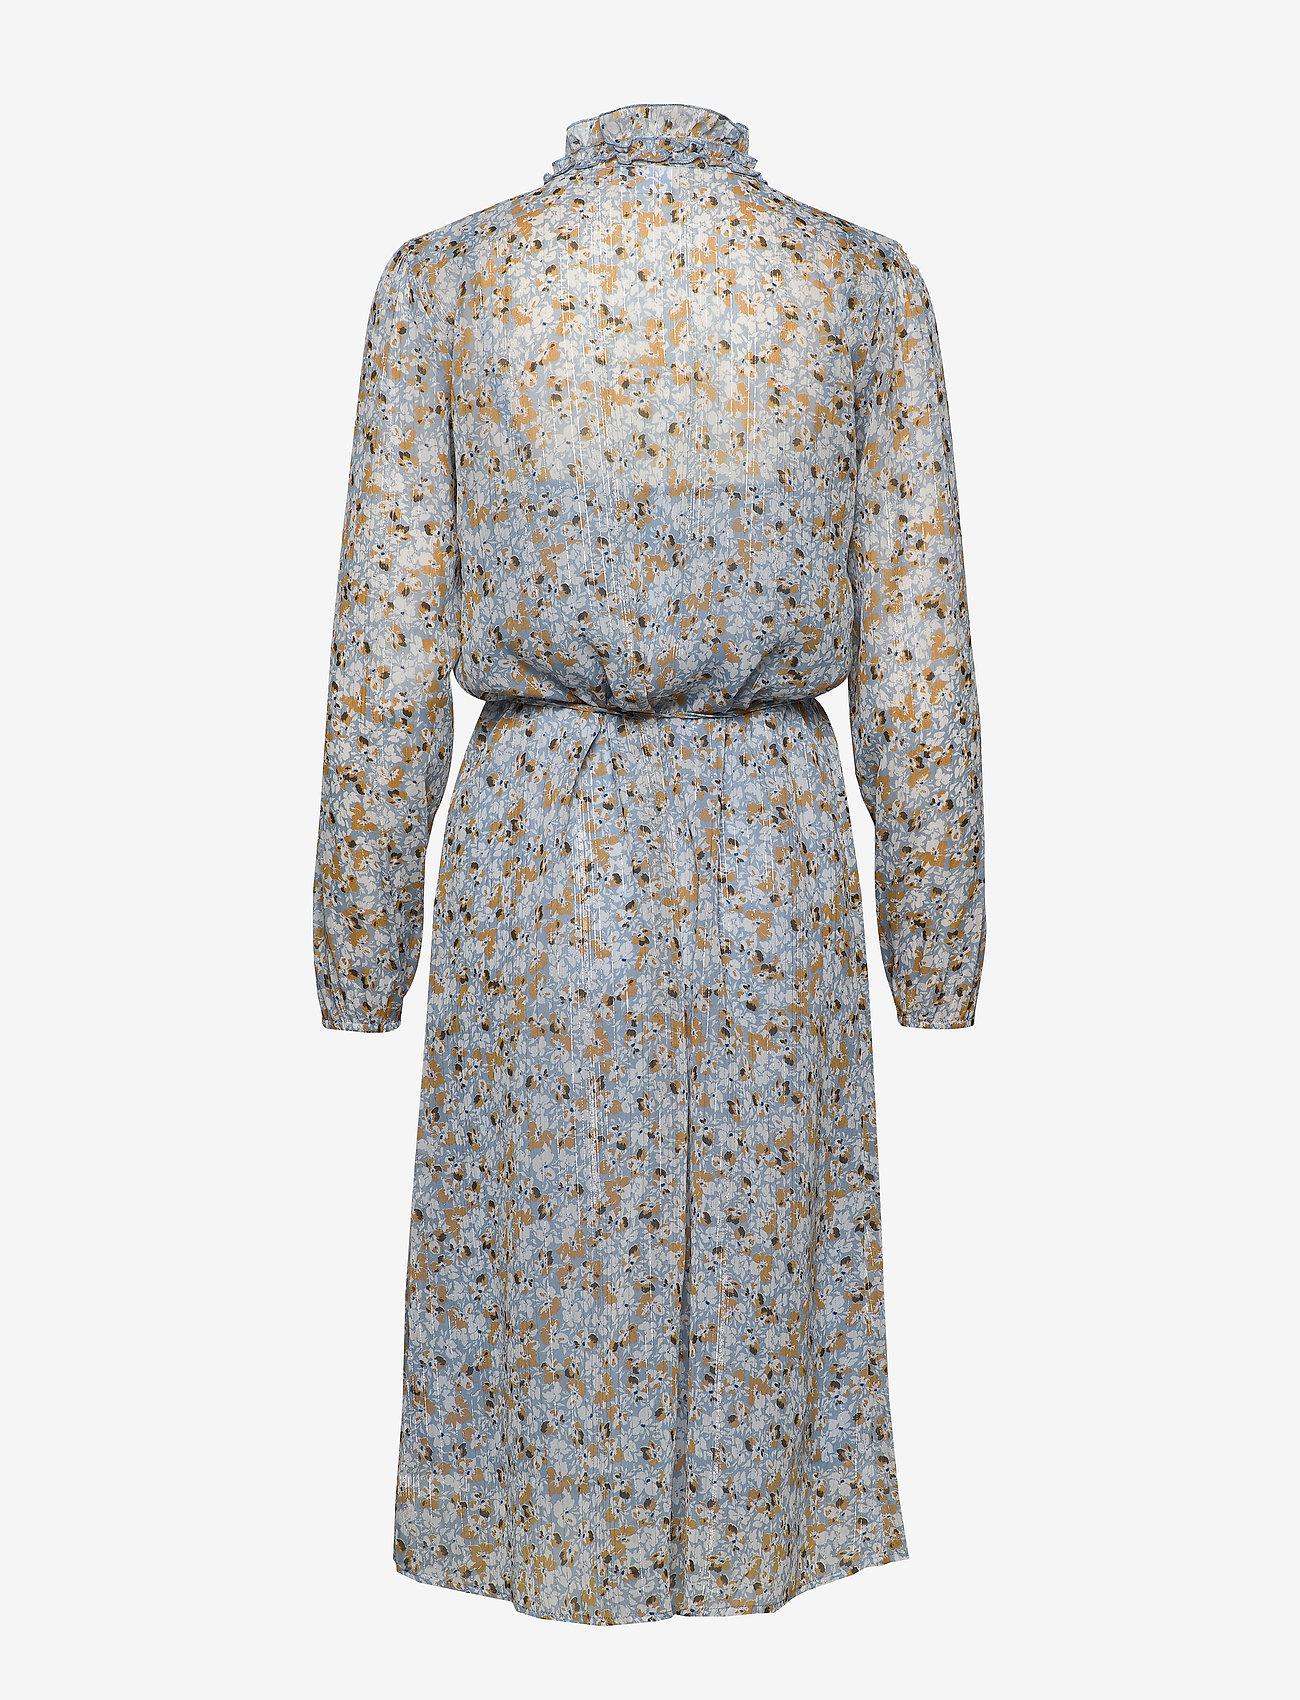 Saint Tropezulisz Lilly Ls Dress - Kleider